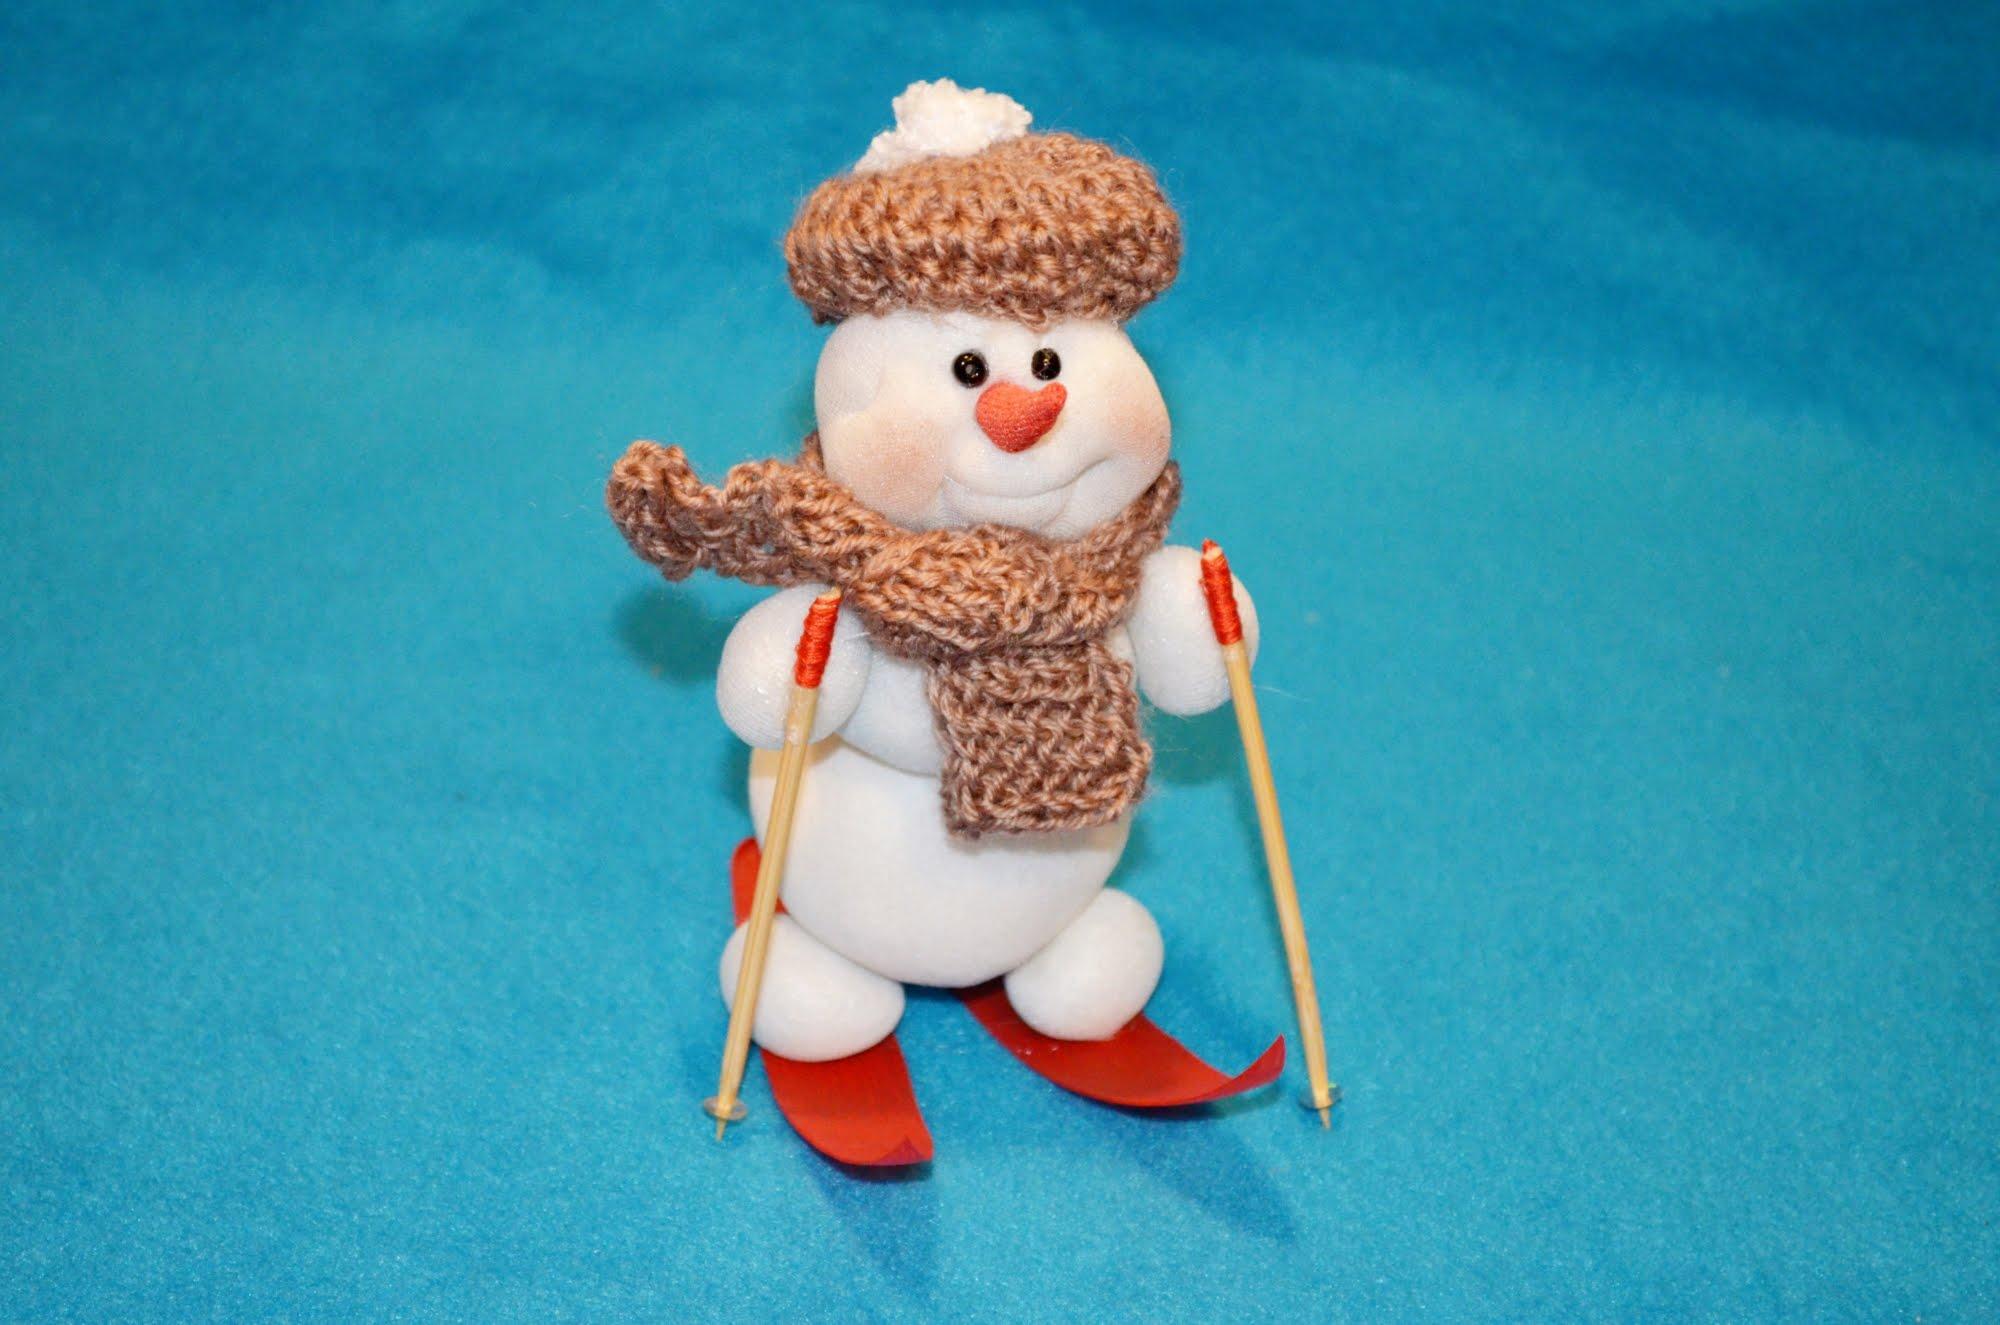 Как сделать руки снеговику из бумаги своими руками фото 385